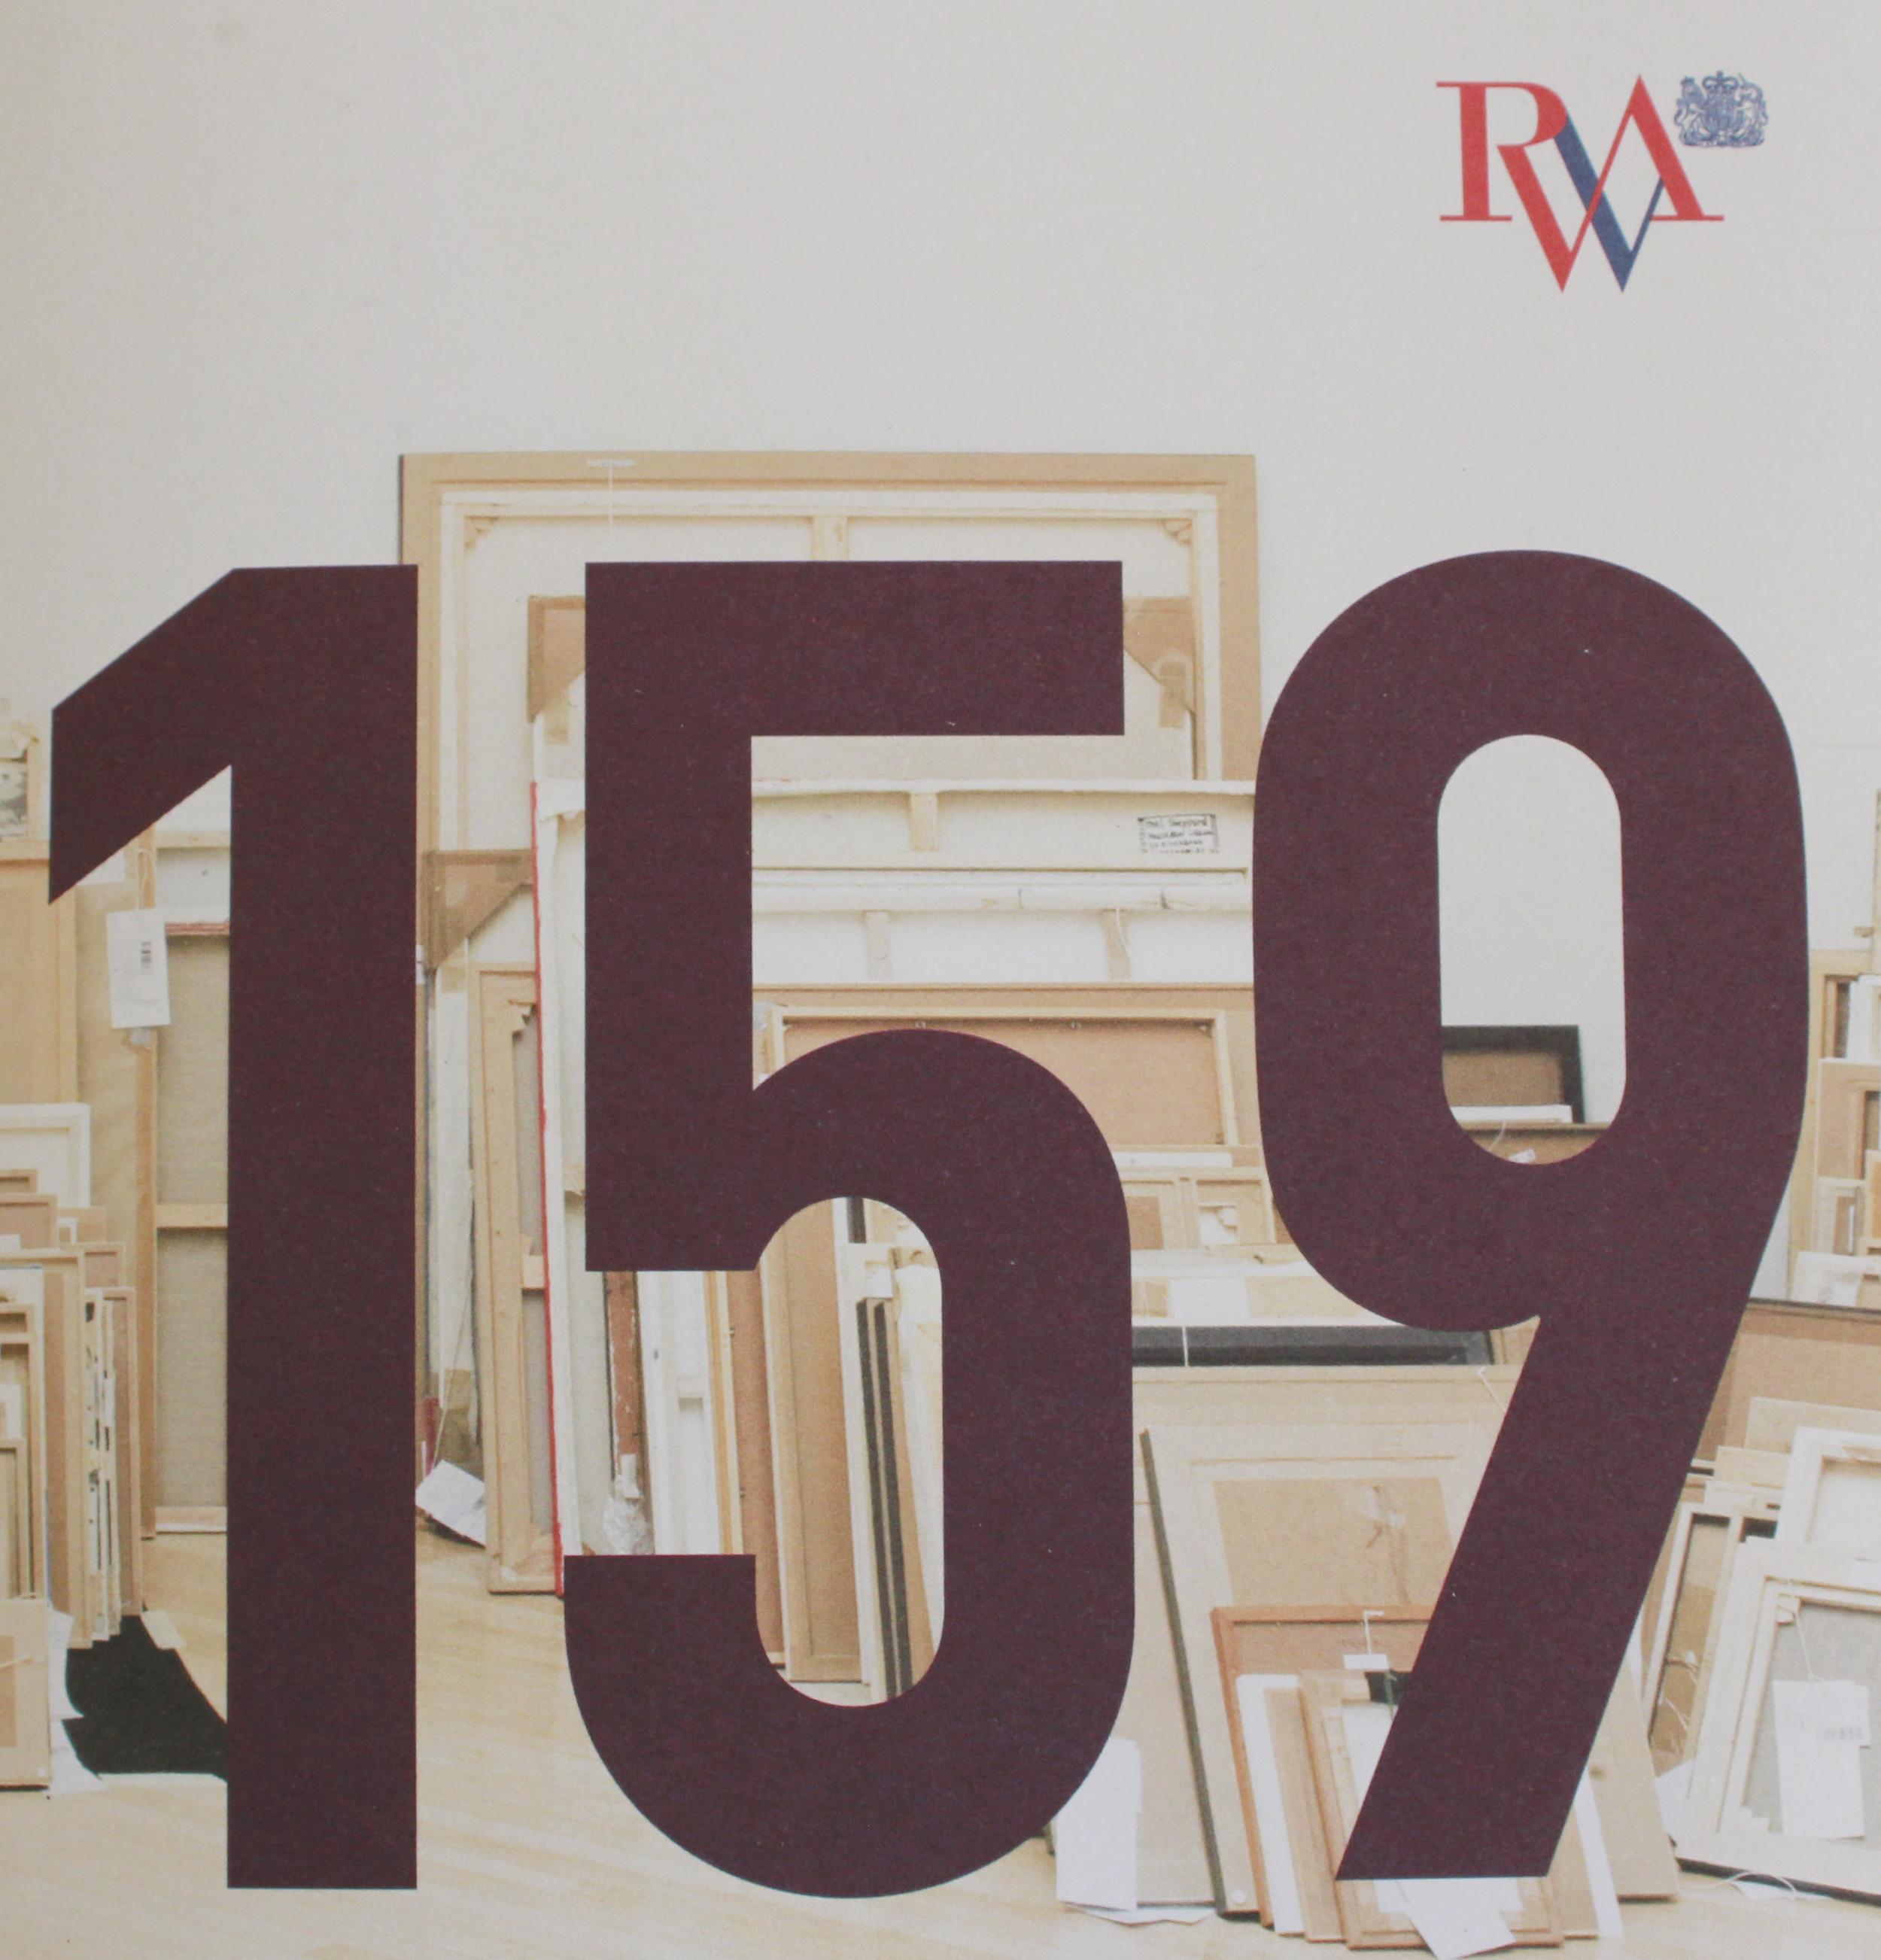 rwa book.jpg